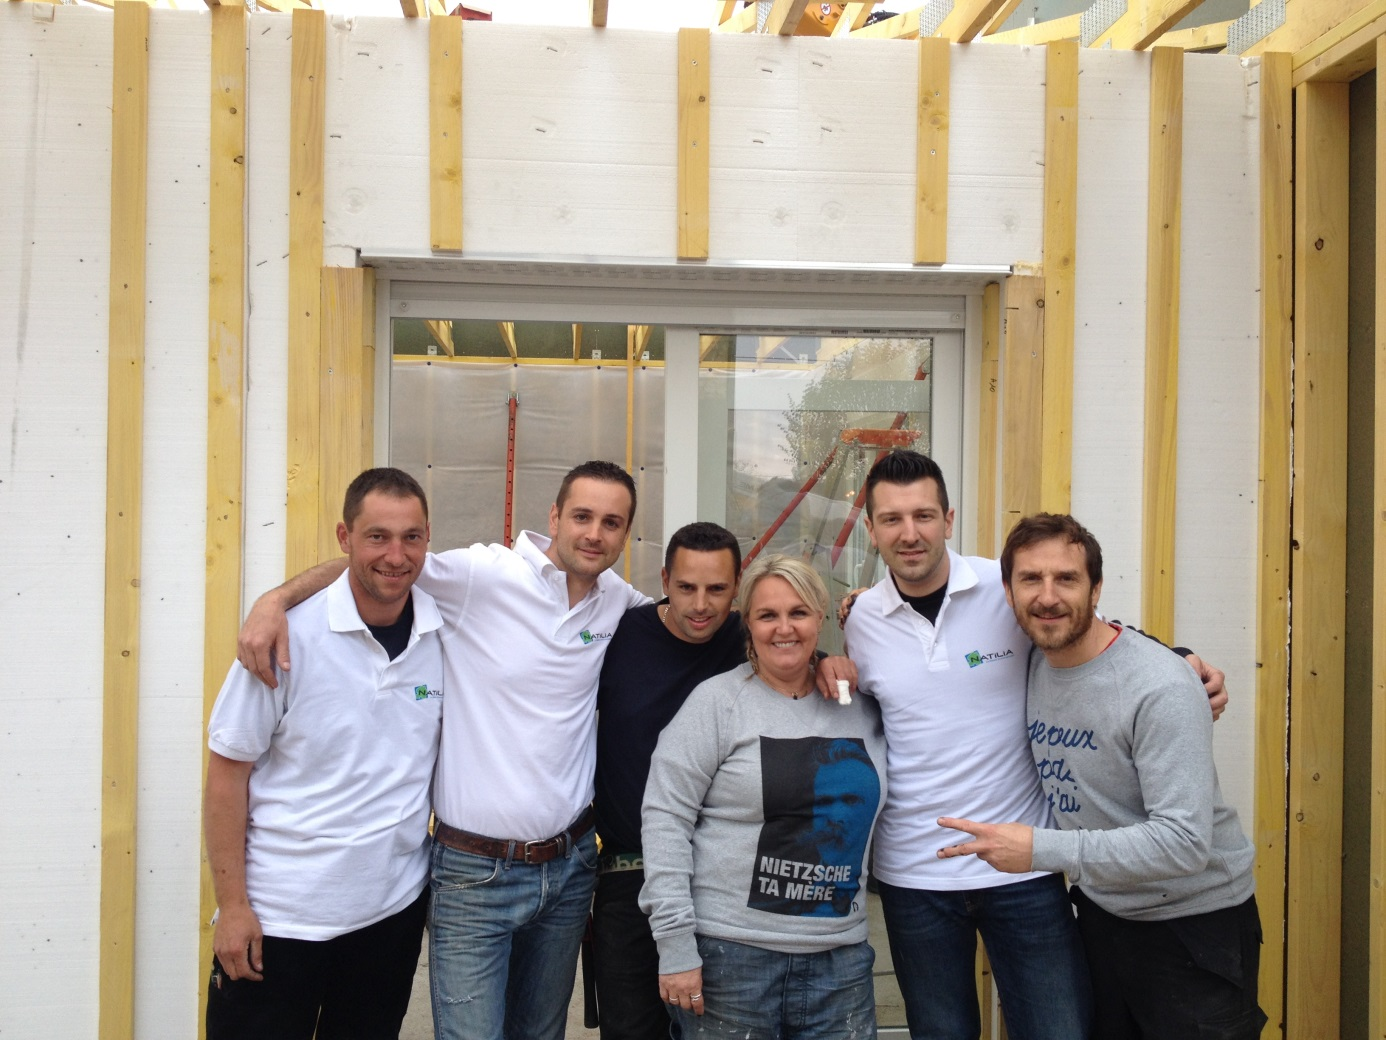 Equipe Natilia et équipe D&CO sur le chantier de la maison bois